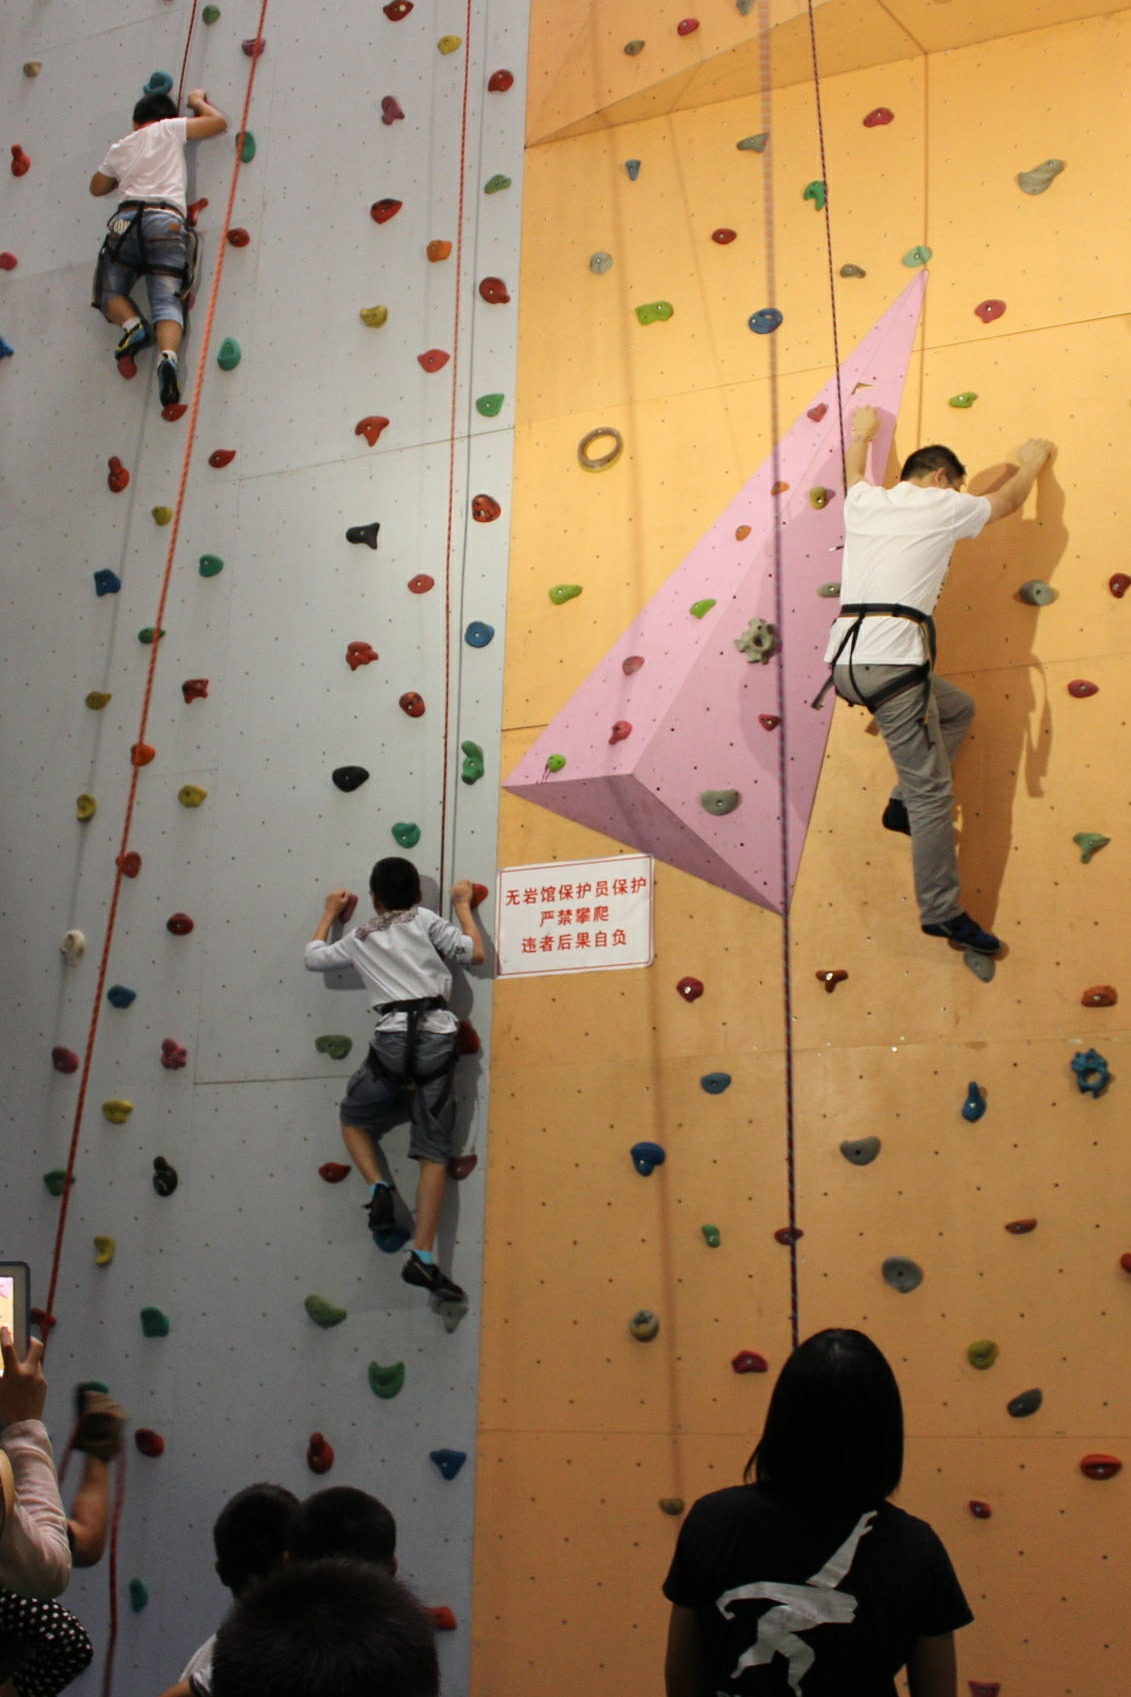 【徒行户外】 庆开业、室内拓展攀岩活动免费送!